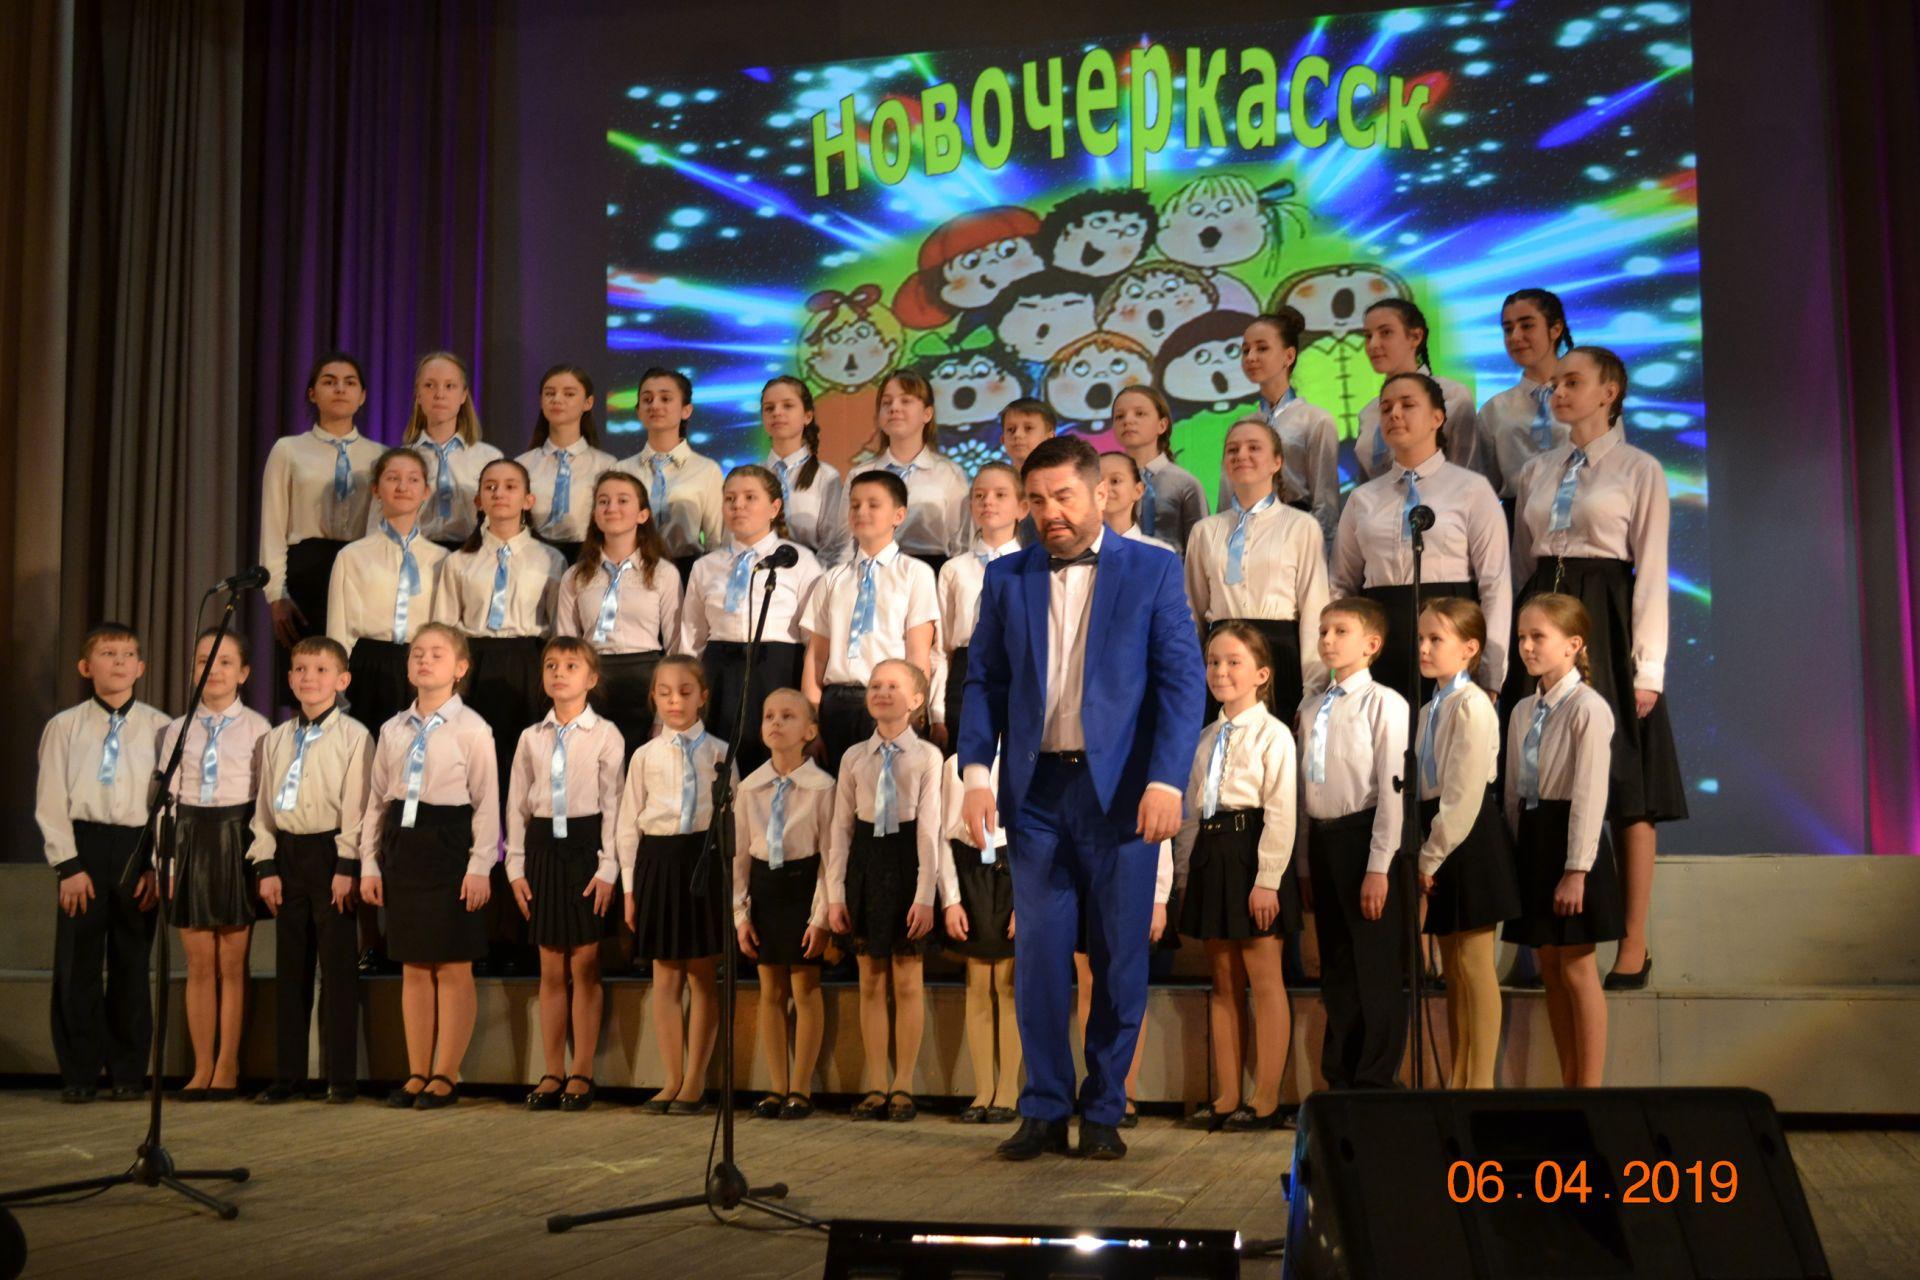 Битва новочеркасских хоров развернулась 6 апреля в микрорайоне Донской